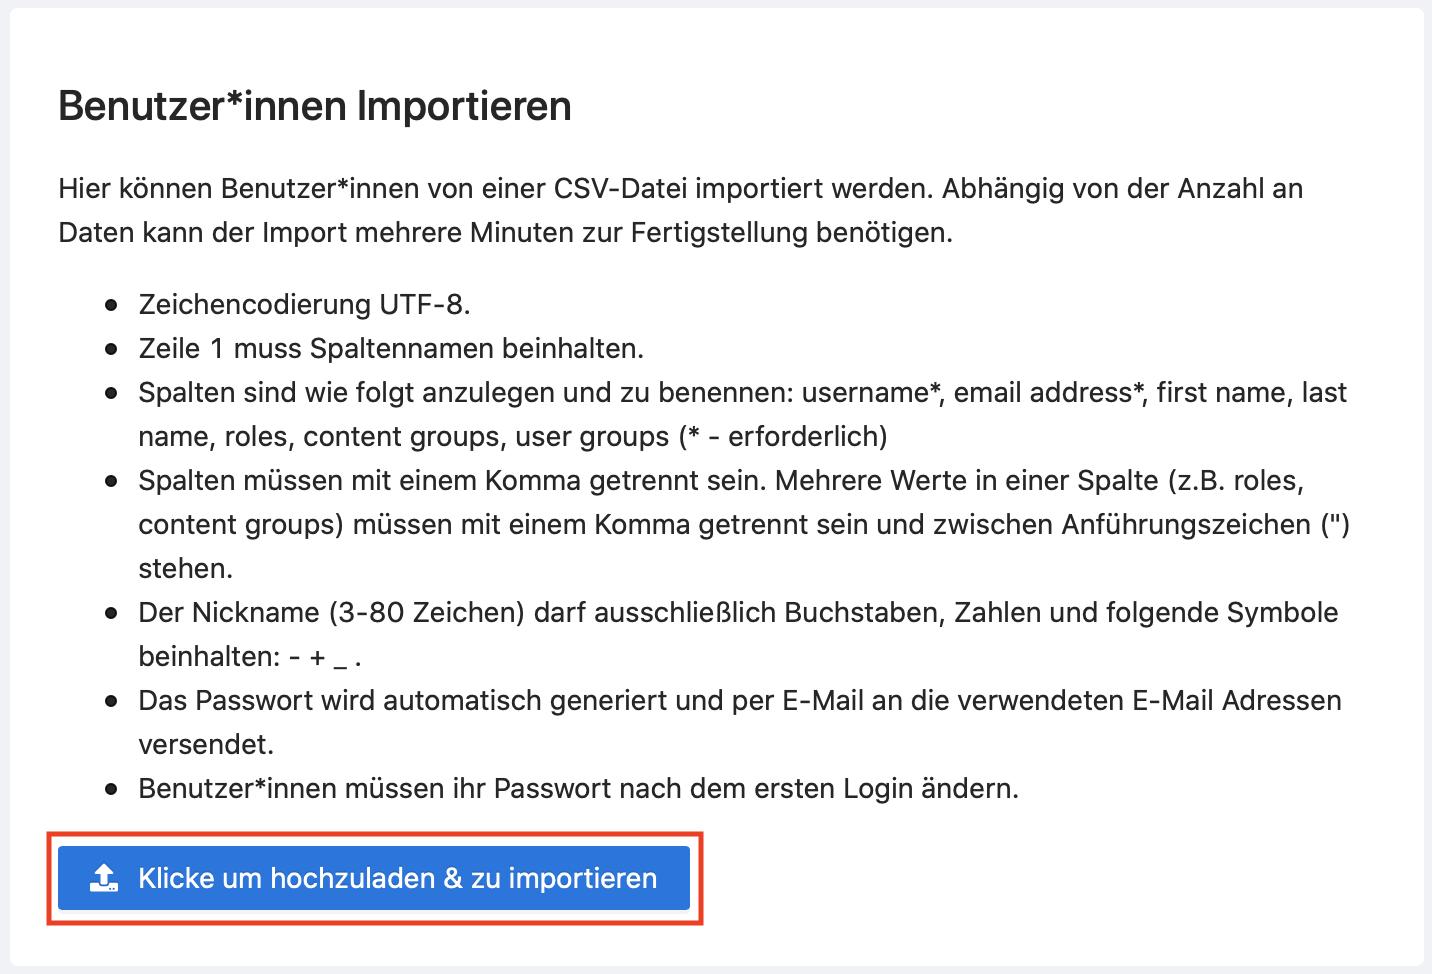 Benutzer*innen können mit dm Hochladen einer CSV-Datei importiert werden.